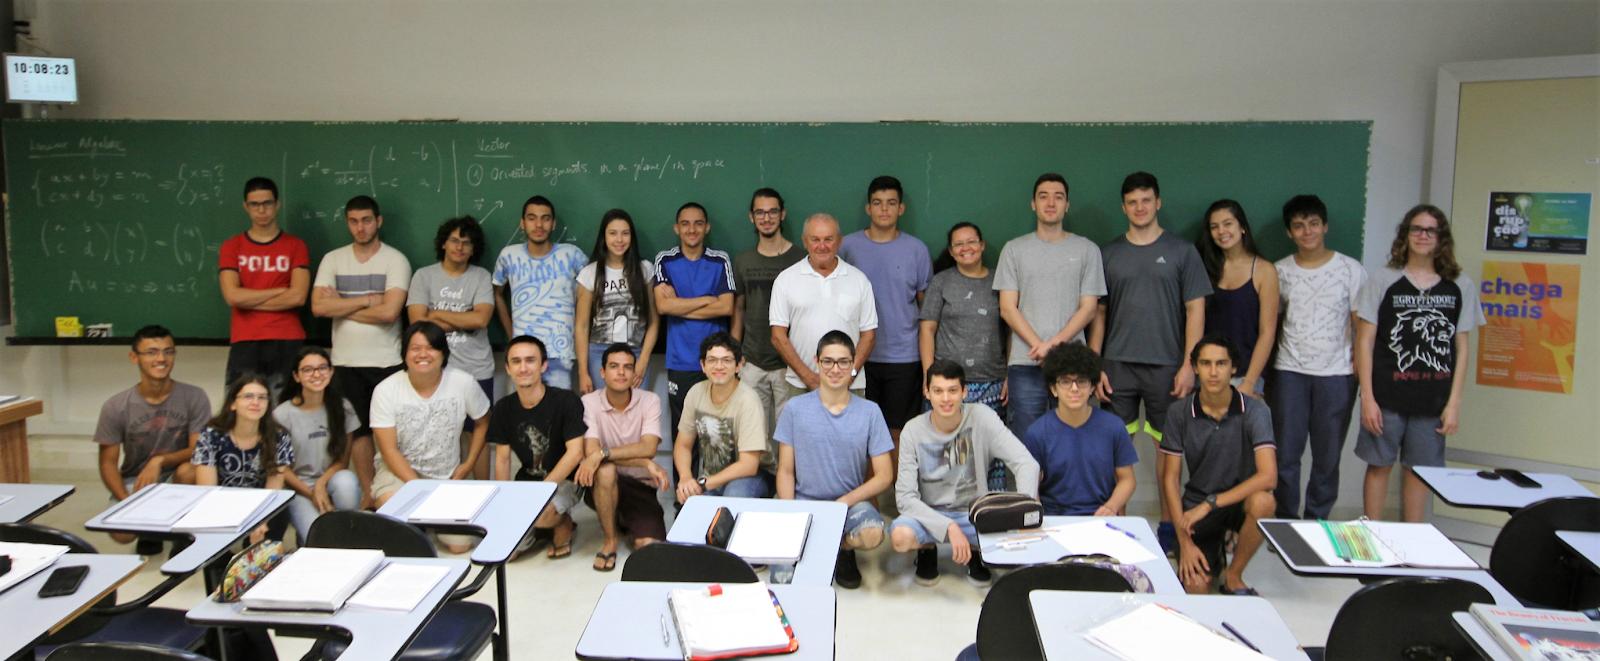 68edb6fe2 Por que vale a pena fazer iniciação científica  – Campus São Carlos